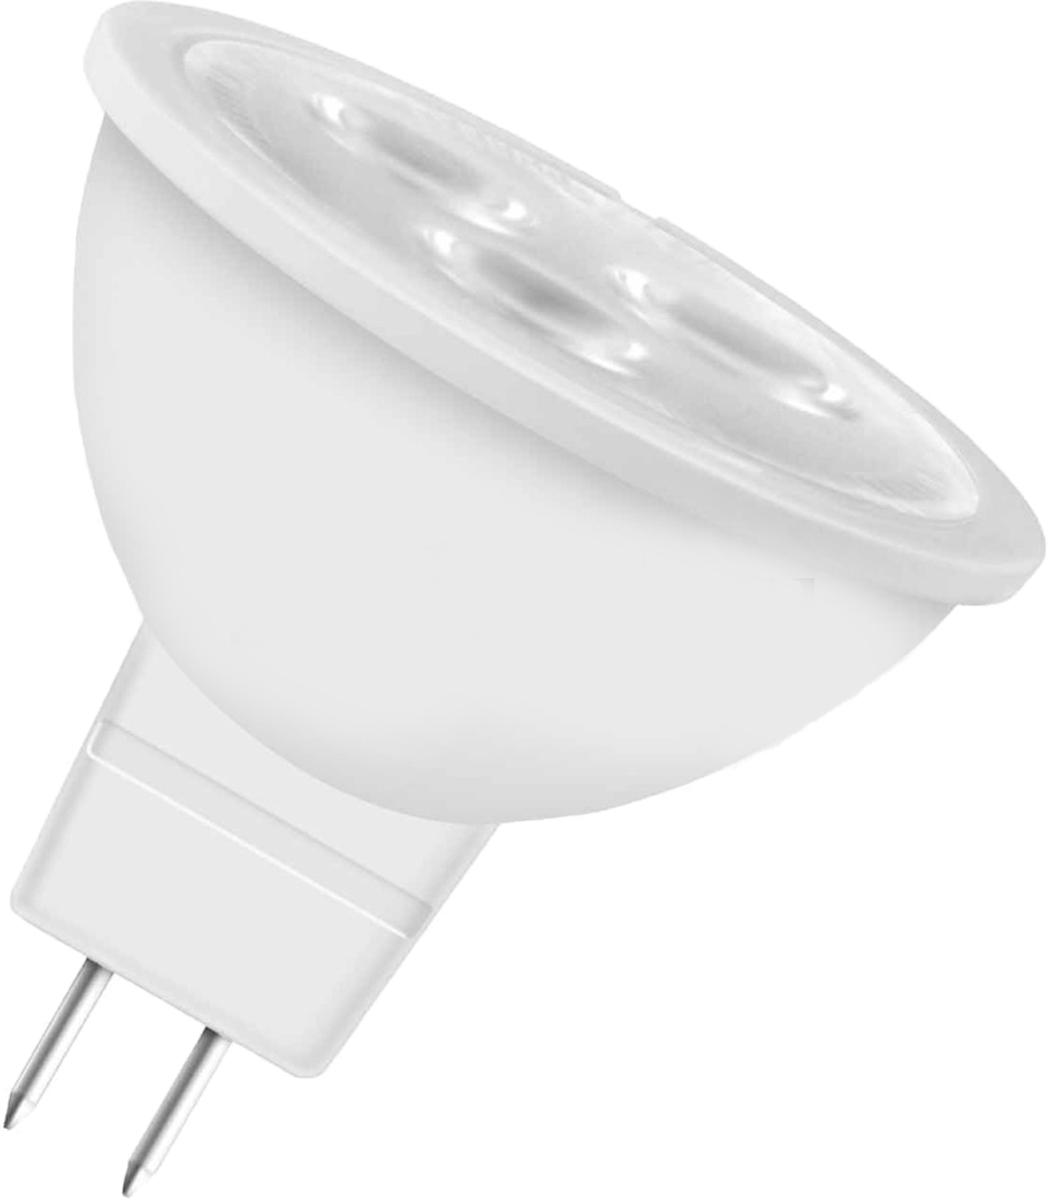 Лампа светодиодная Osram MR16 35 5.3W/827 220-240V GU5.3 40528992375444052899237544Светодиодные энергосберегающие лампы потребляют на 70% меньше электроэнергии, что не только экономит деньги, но и снижает нагрузку на проводку. Свет, который излучают светодиодные светильники, не раздражает глаза и может быть разным по интенсивности и световой температуре. Они легко монтируются в стены и потолки, в том числе и в натяжные. Разнообразный дизайн позволяет подобрать светодиодные лампы для любого пространства.